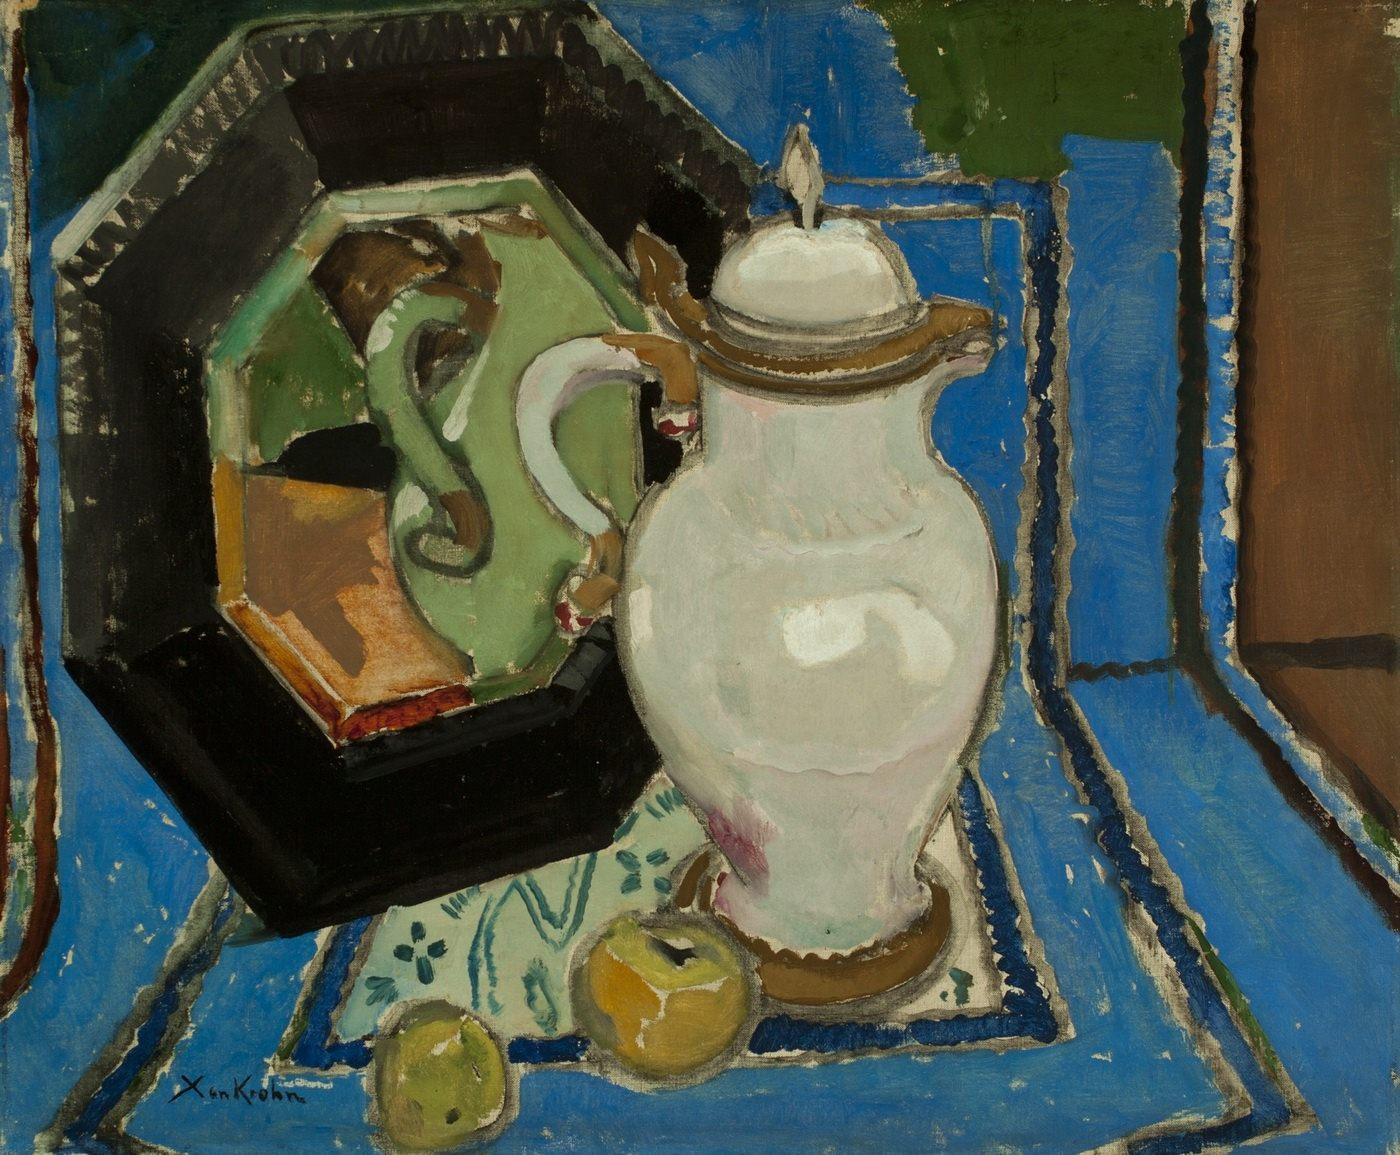 Ксан Крон. Натюрморт с кувшином, 65х79, 1920-е, холст, масло